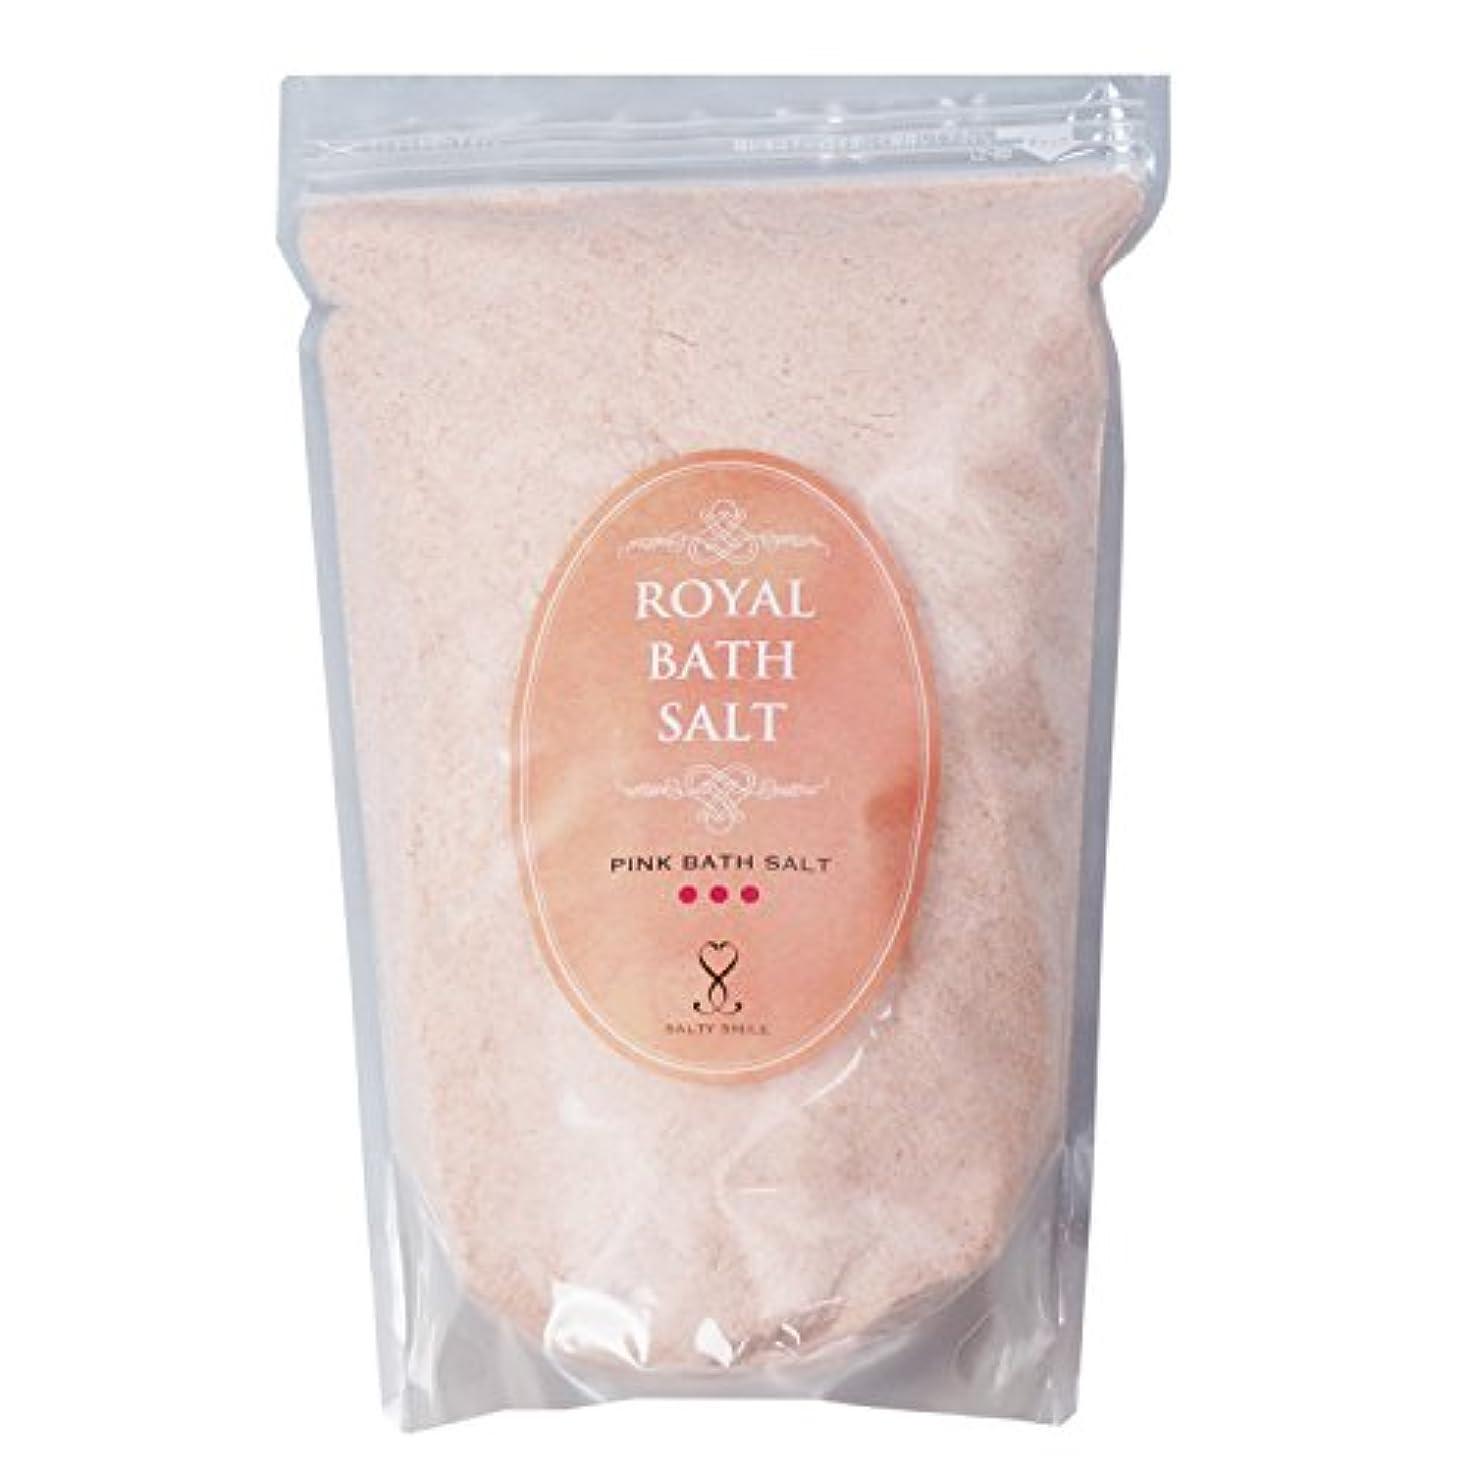 助けになる比類のないレッスンロイヤルバスソルト ピンクパウダー 岩塩 ROYAL BATH SALT (お徳用【3kg 約60回分】)